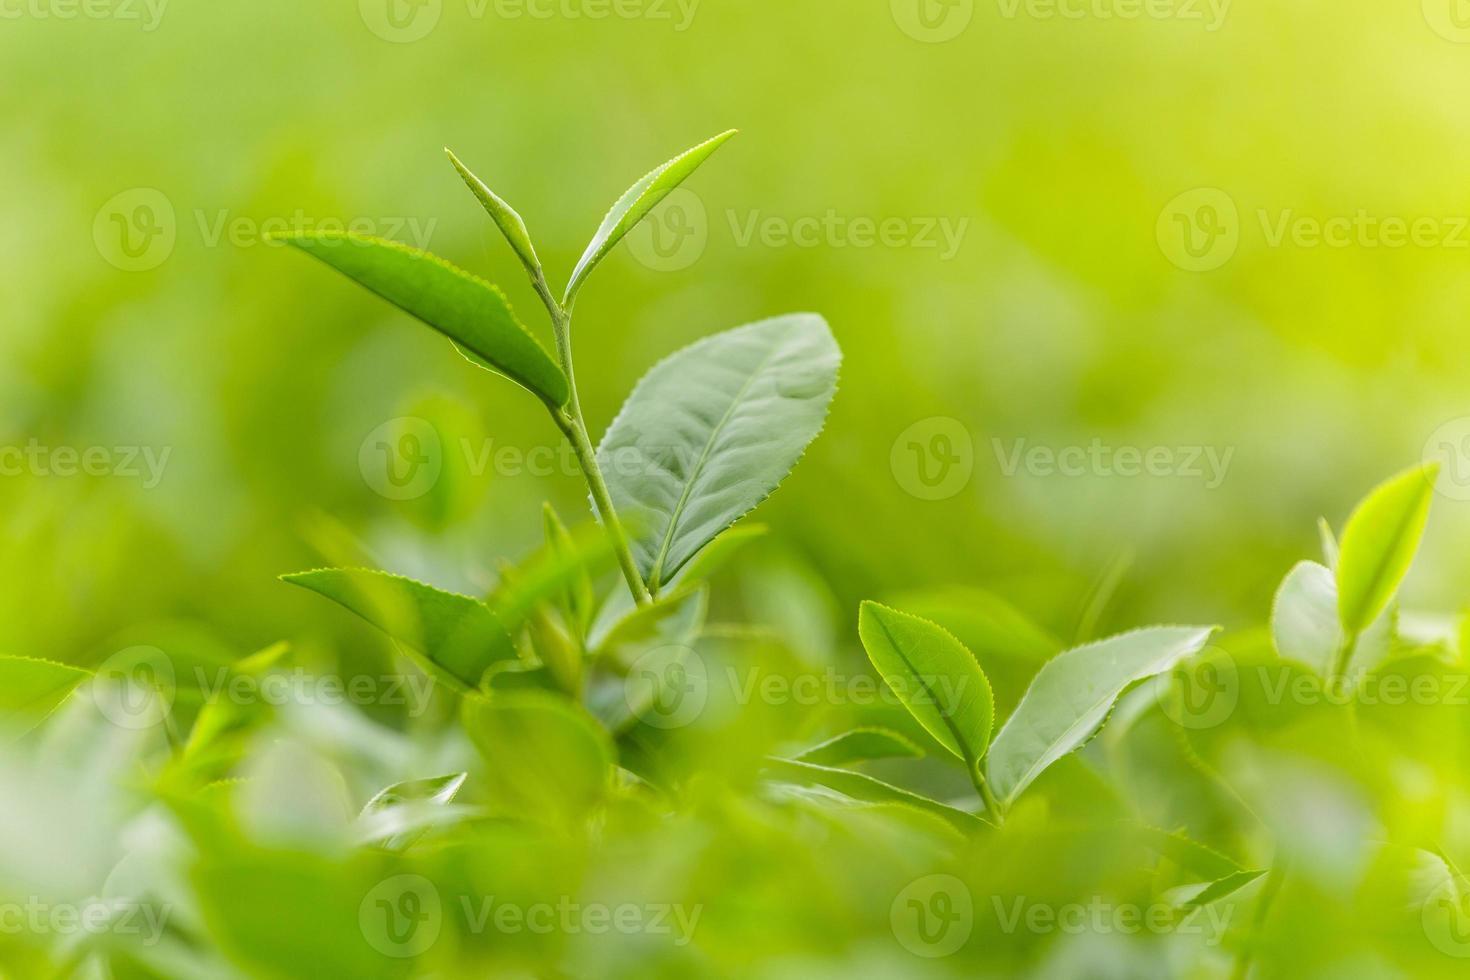 folhas frescas de chá verde em uma plantação de chá foto